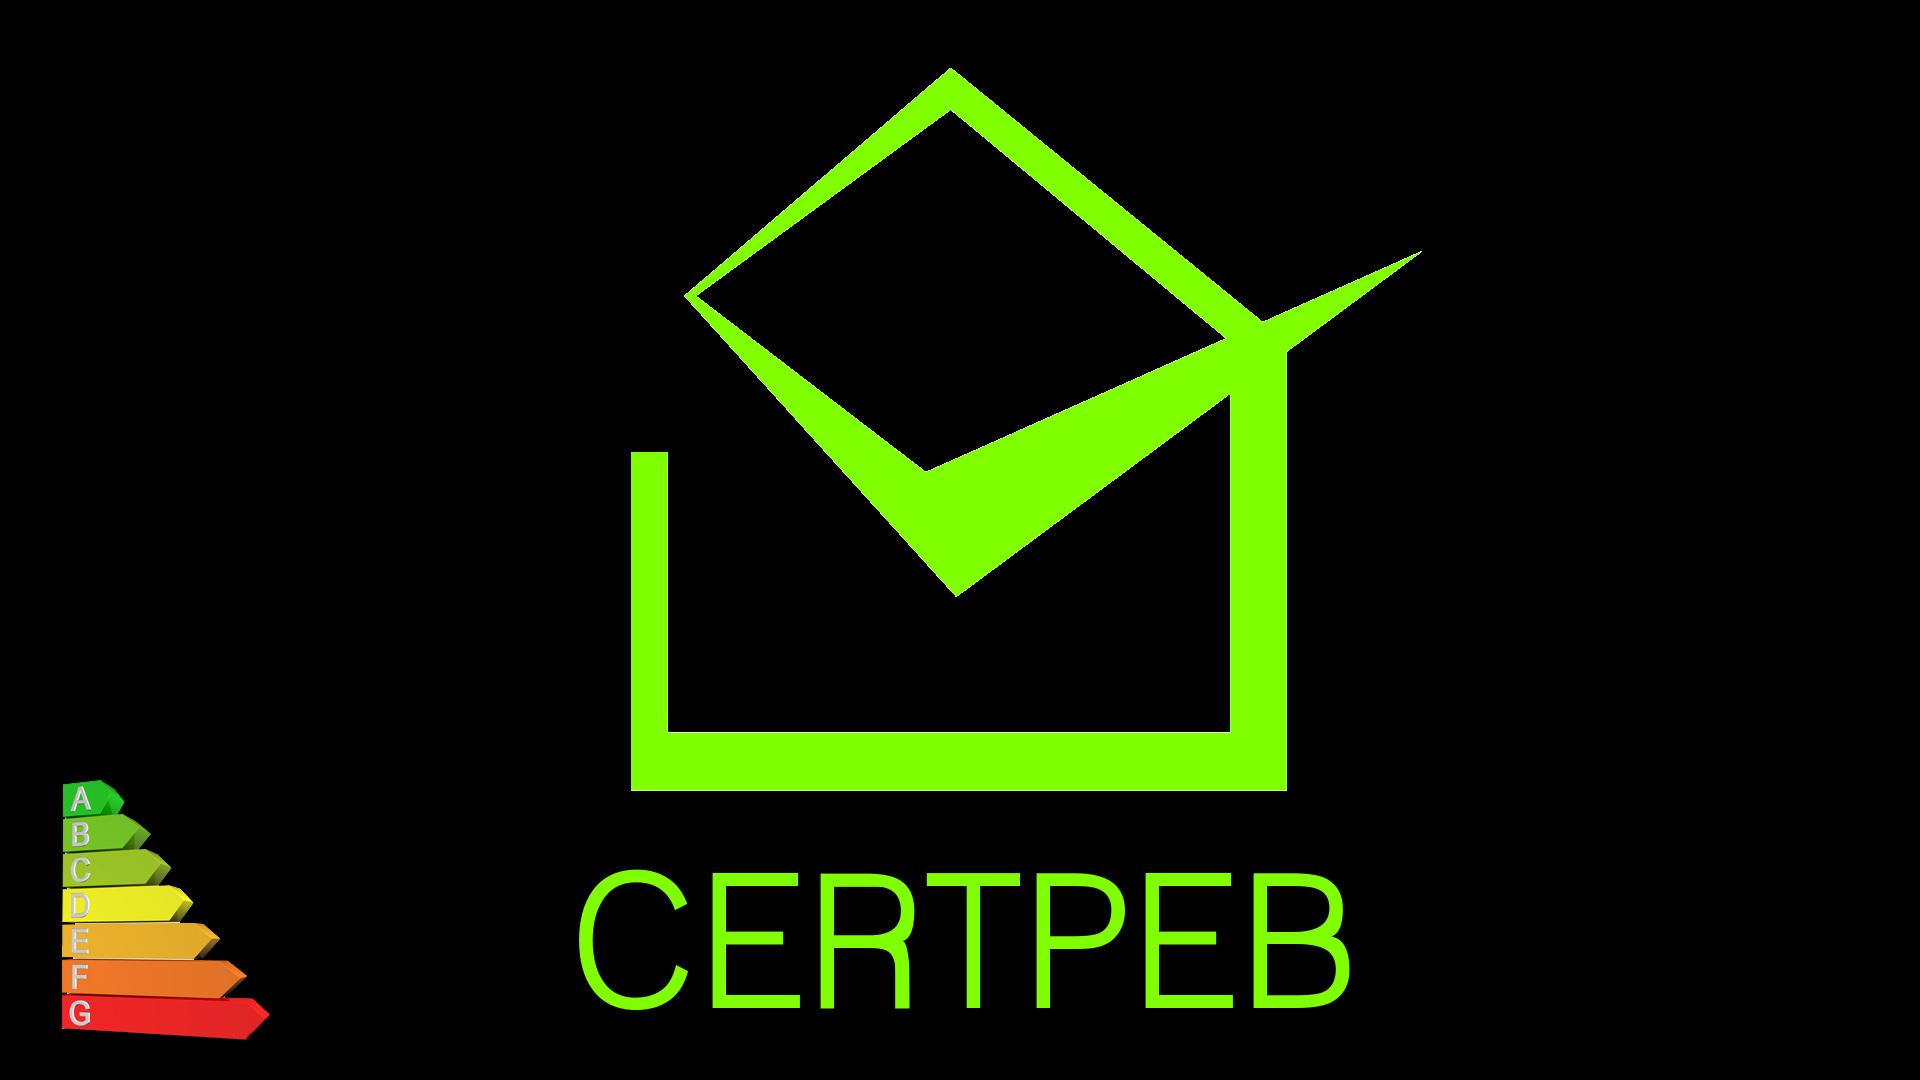 (c) Certpeb.be